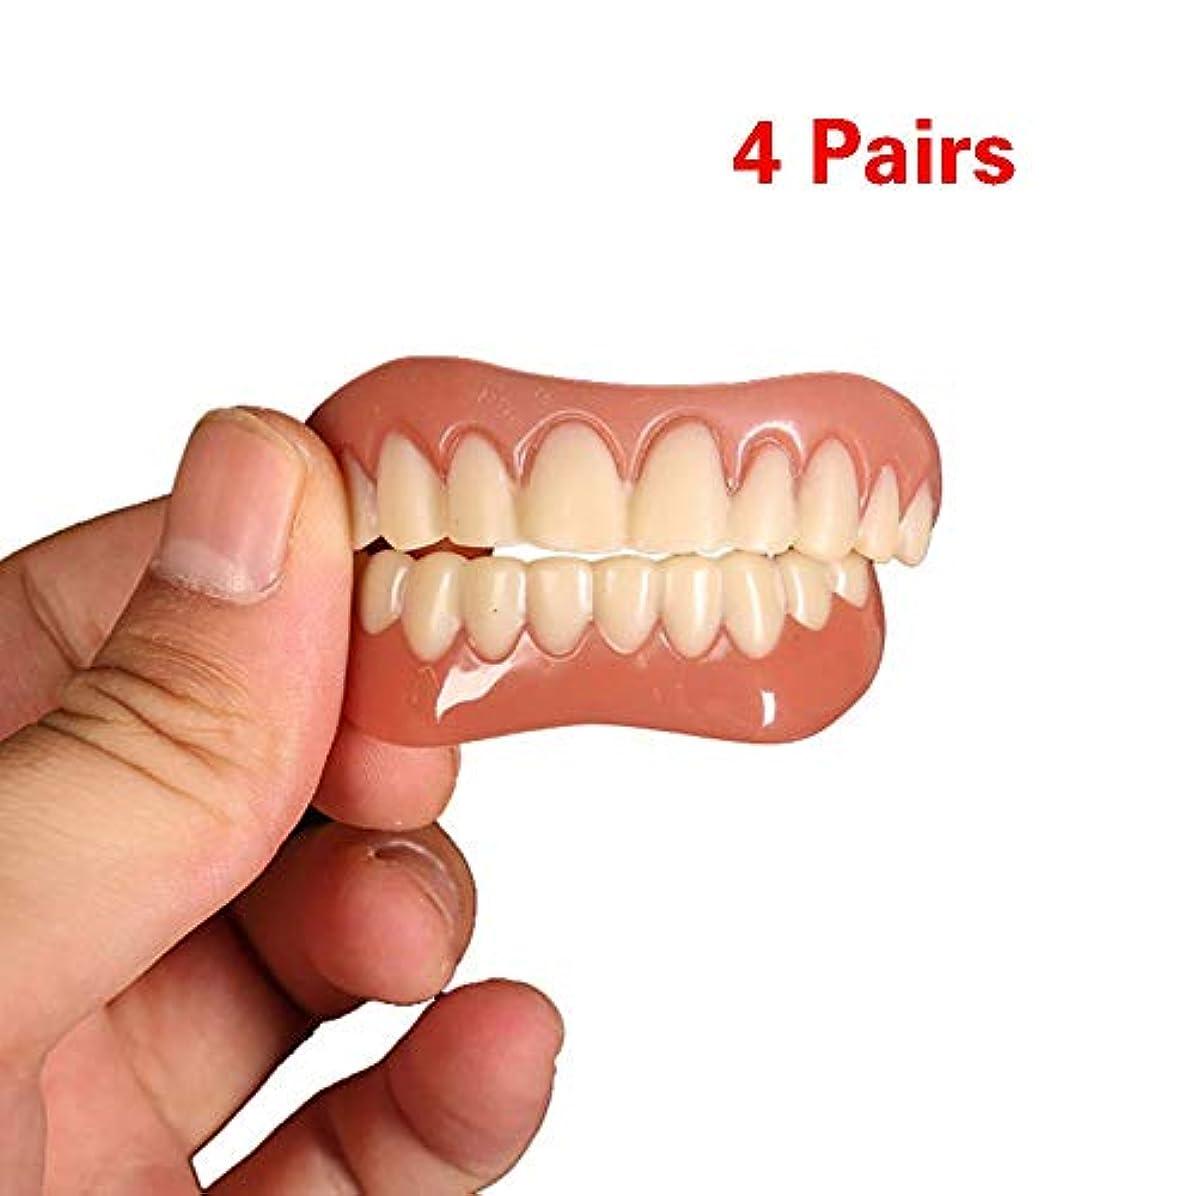 相対性理論媒染剤ジャベスウィルソン8本の歯の快適さフィットフレックス化粧品の歯義歯の歯のトップ化粧品のベニヤシミュレーションブレース(4下+ 4トップ)